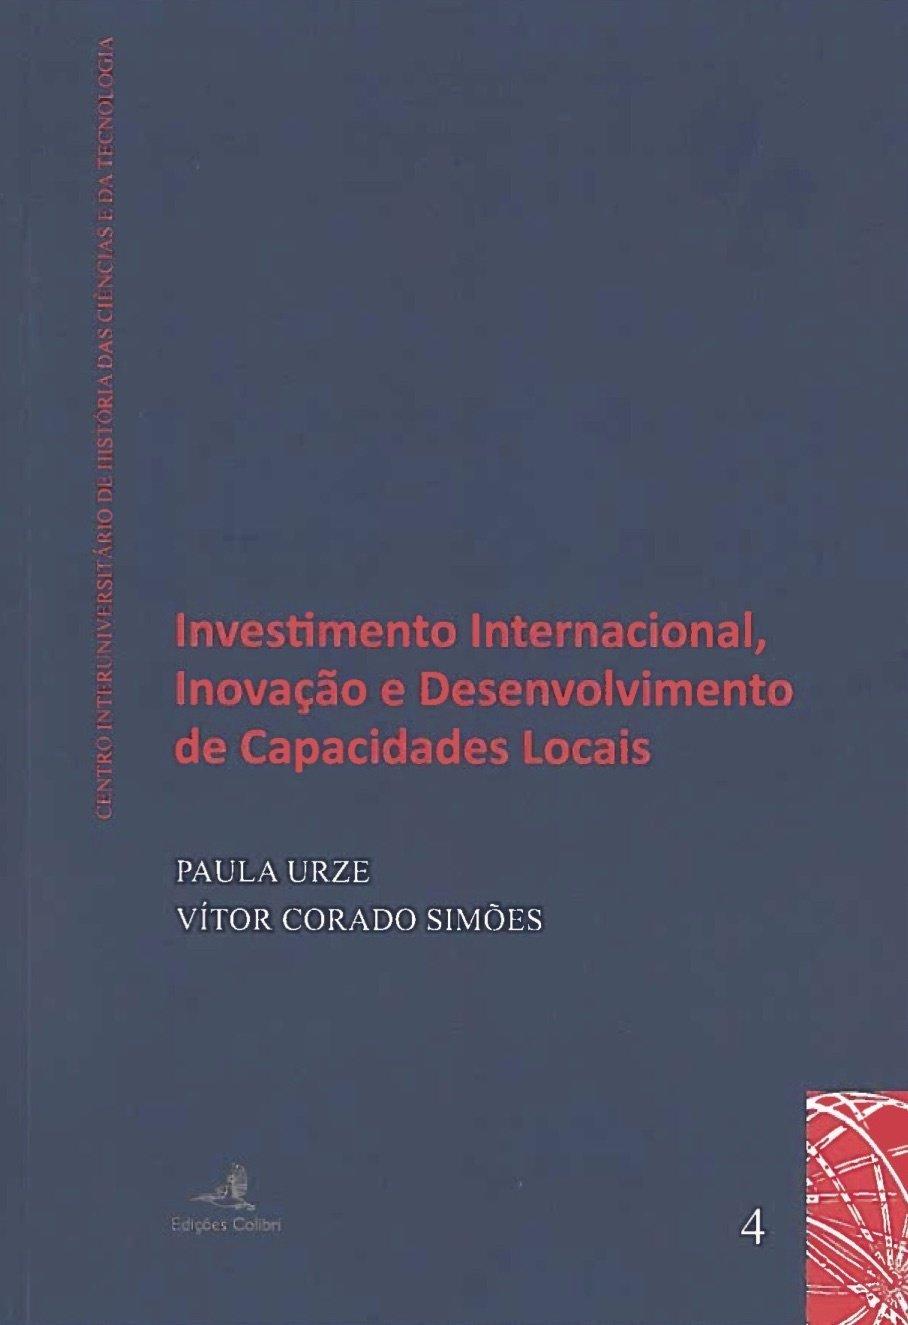 Investimento Internacional, Inovação e Desenvolvimento de Capacidades Locais, Capa